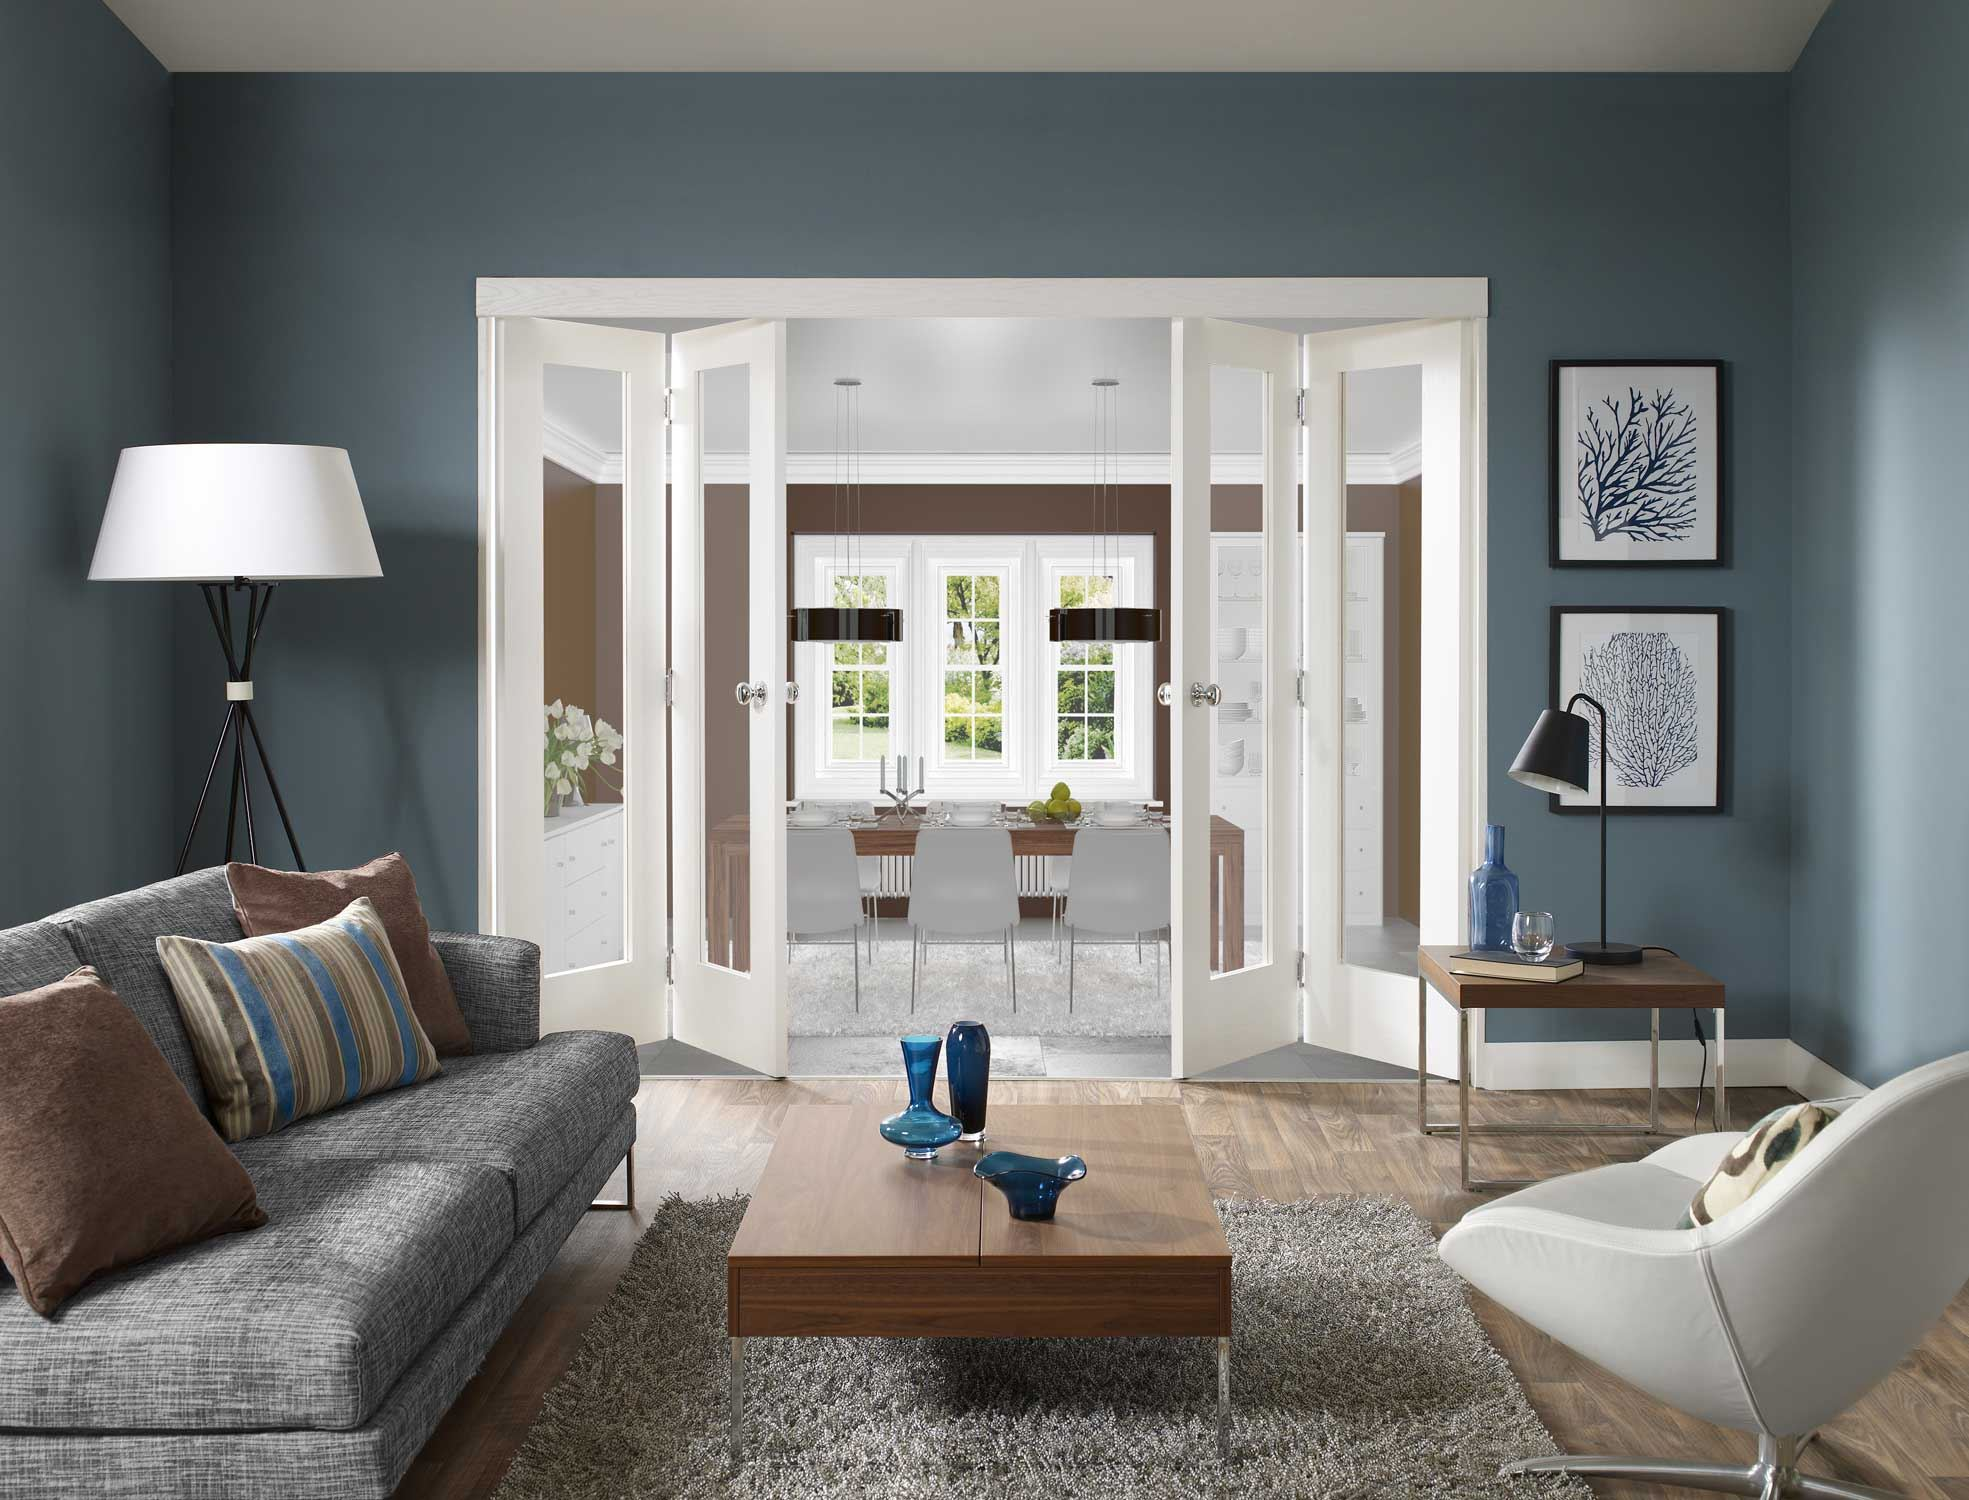 Если цвет стен серый то какой цвет мебели подойдет